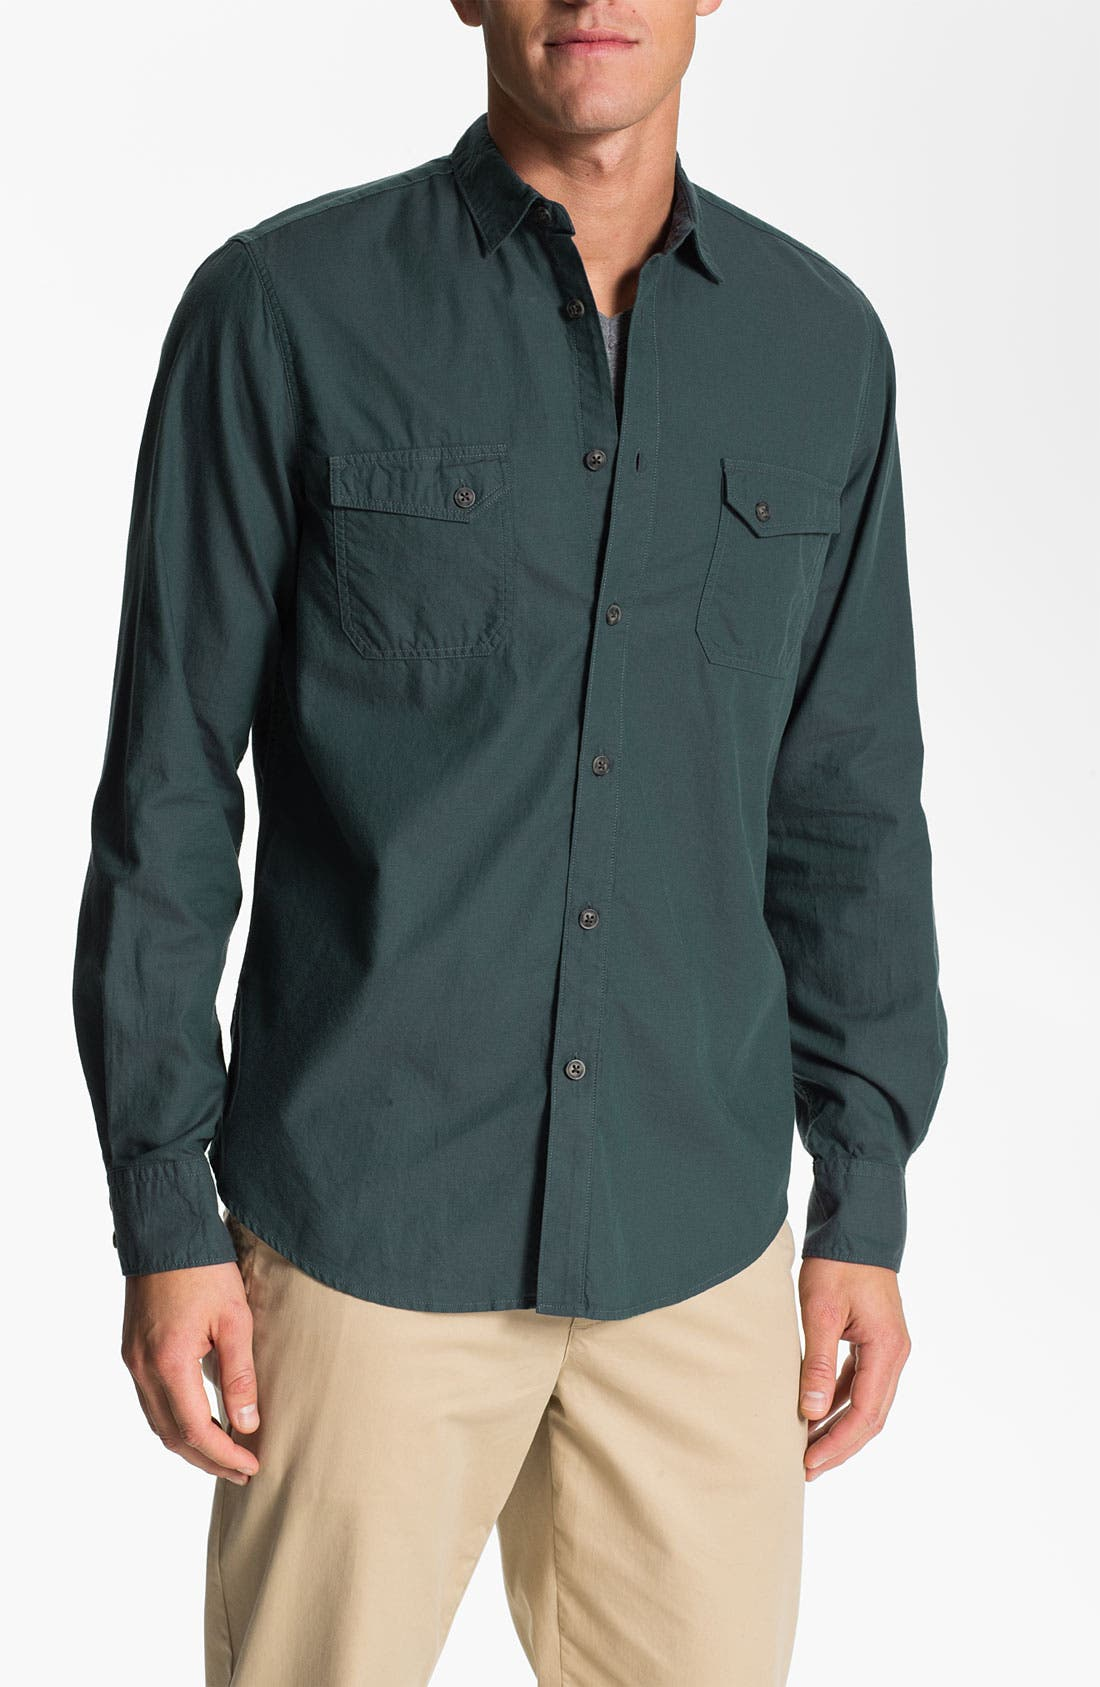 Main Image - Ben Sherman 'Shoreditch' Twill Shirt